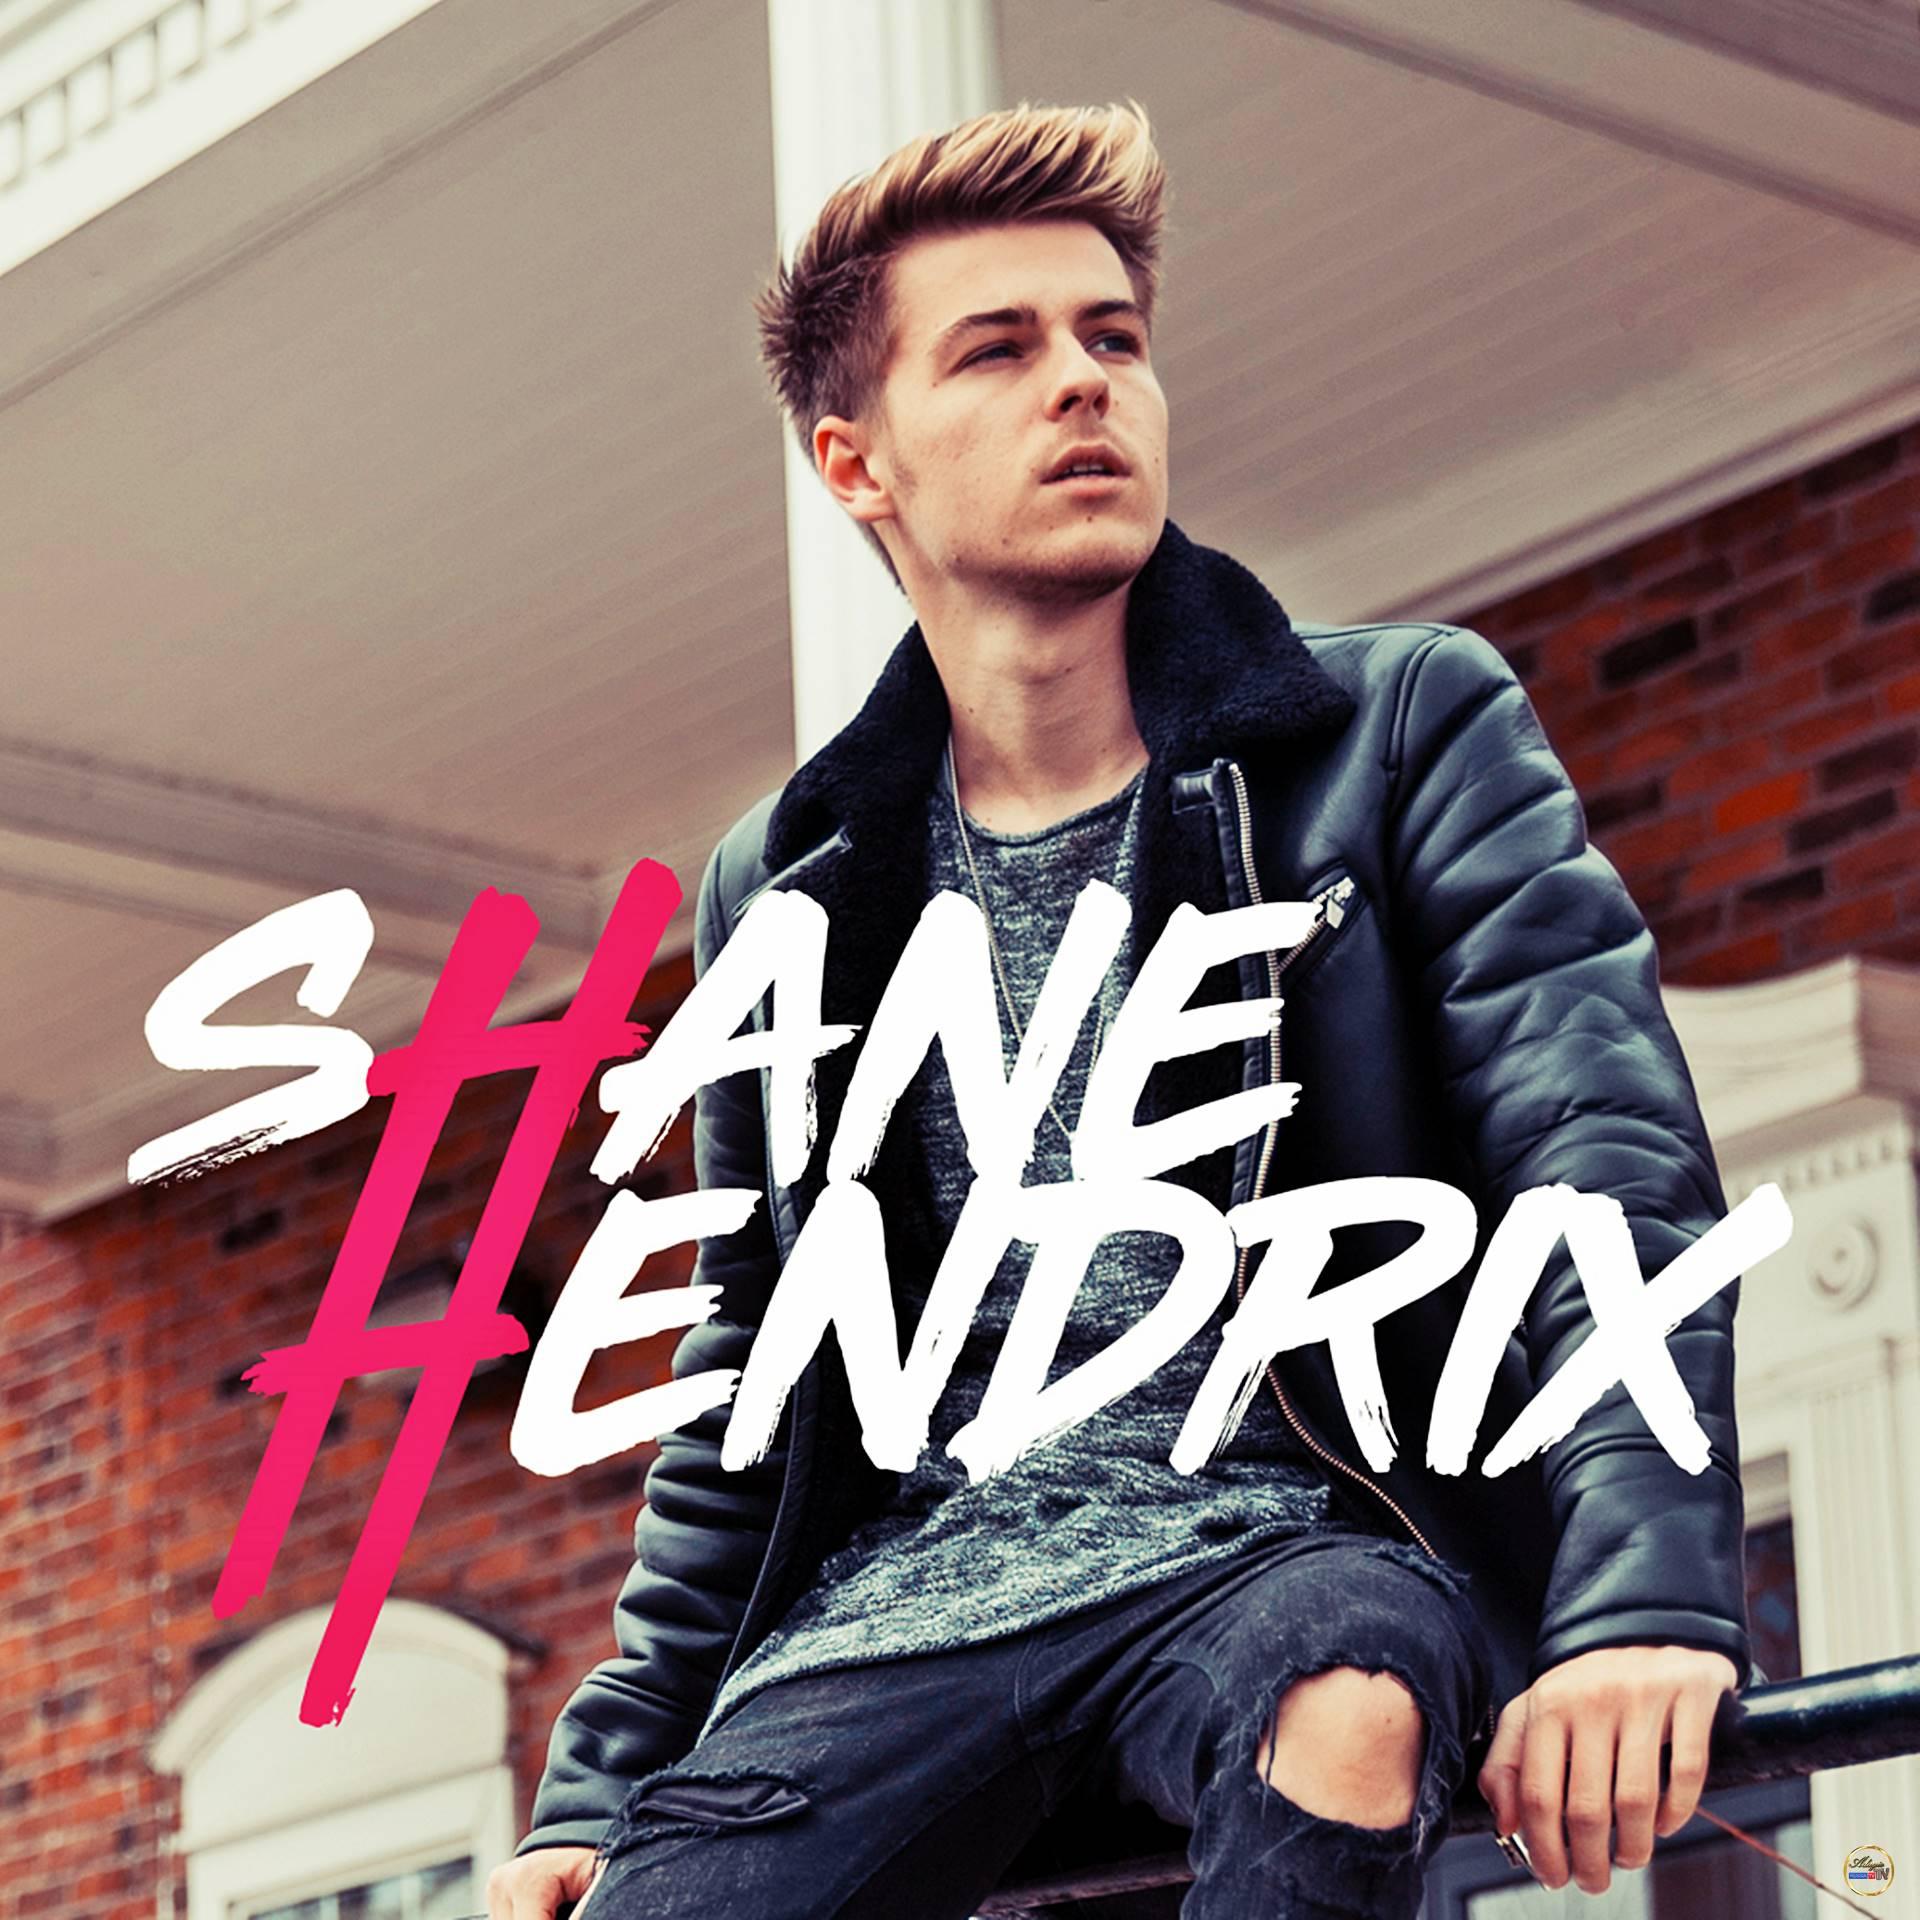 Shane Hendrix